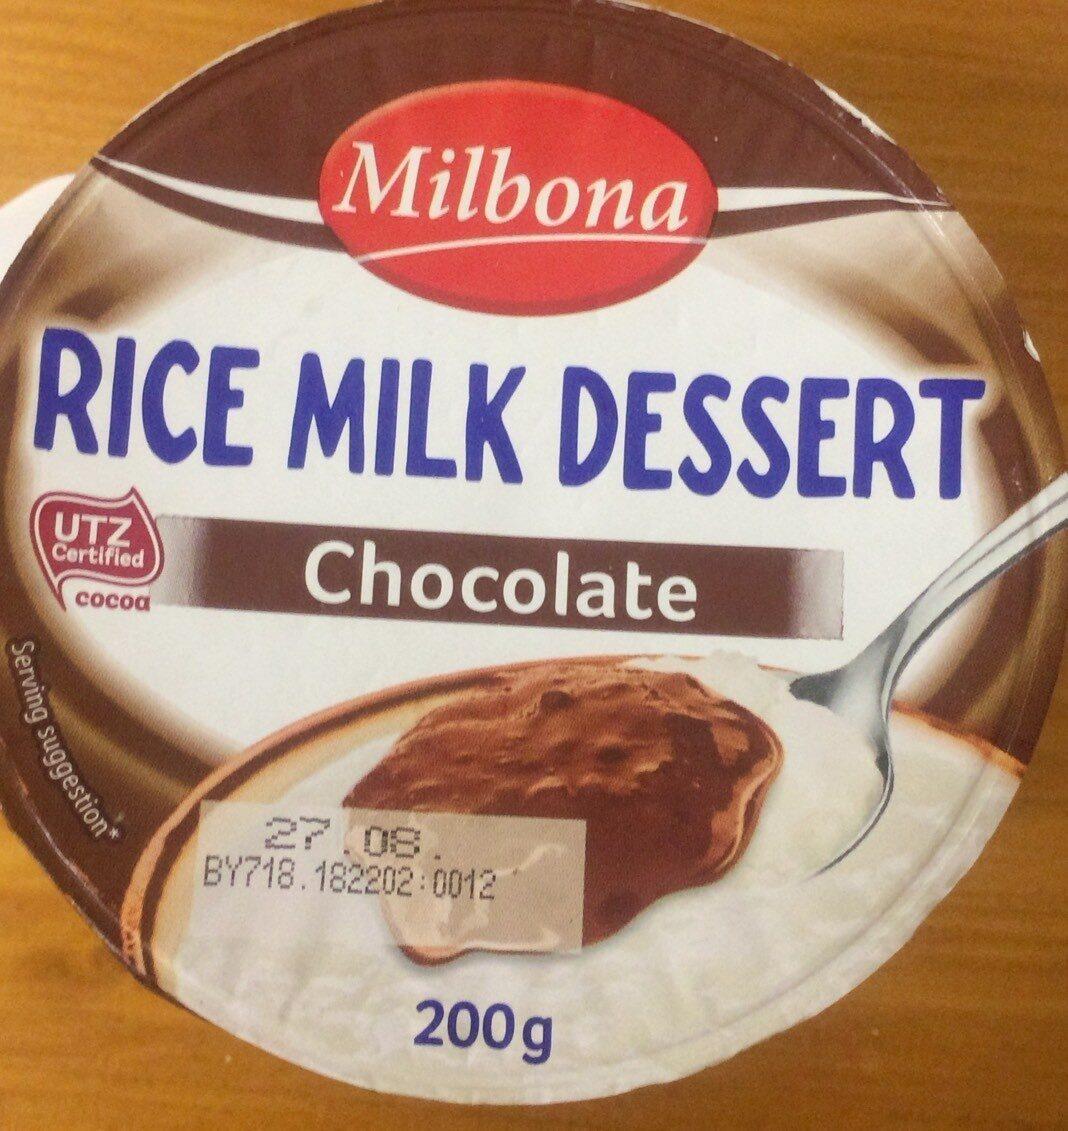 Rice milk dessert - Product - en